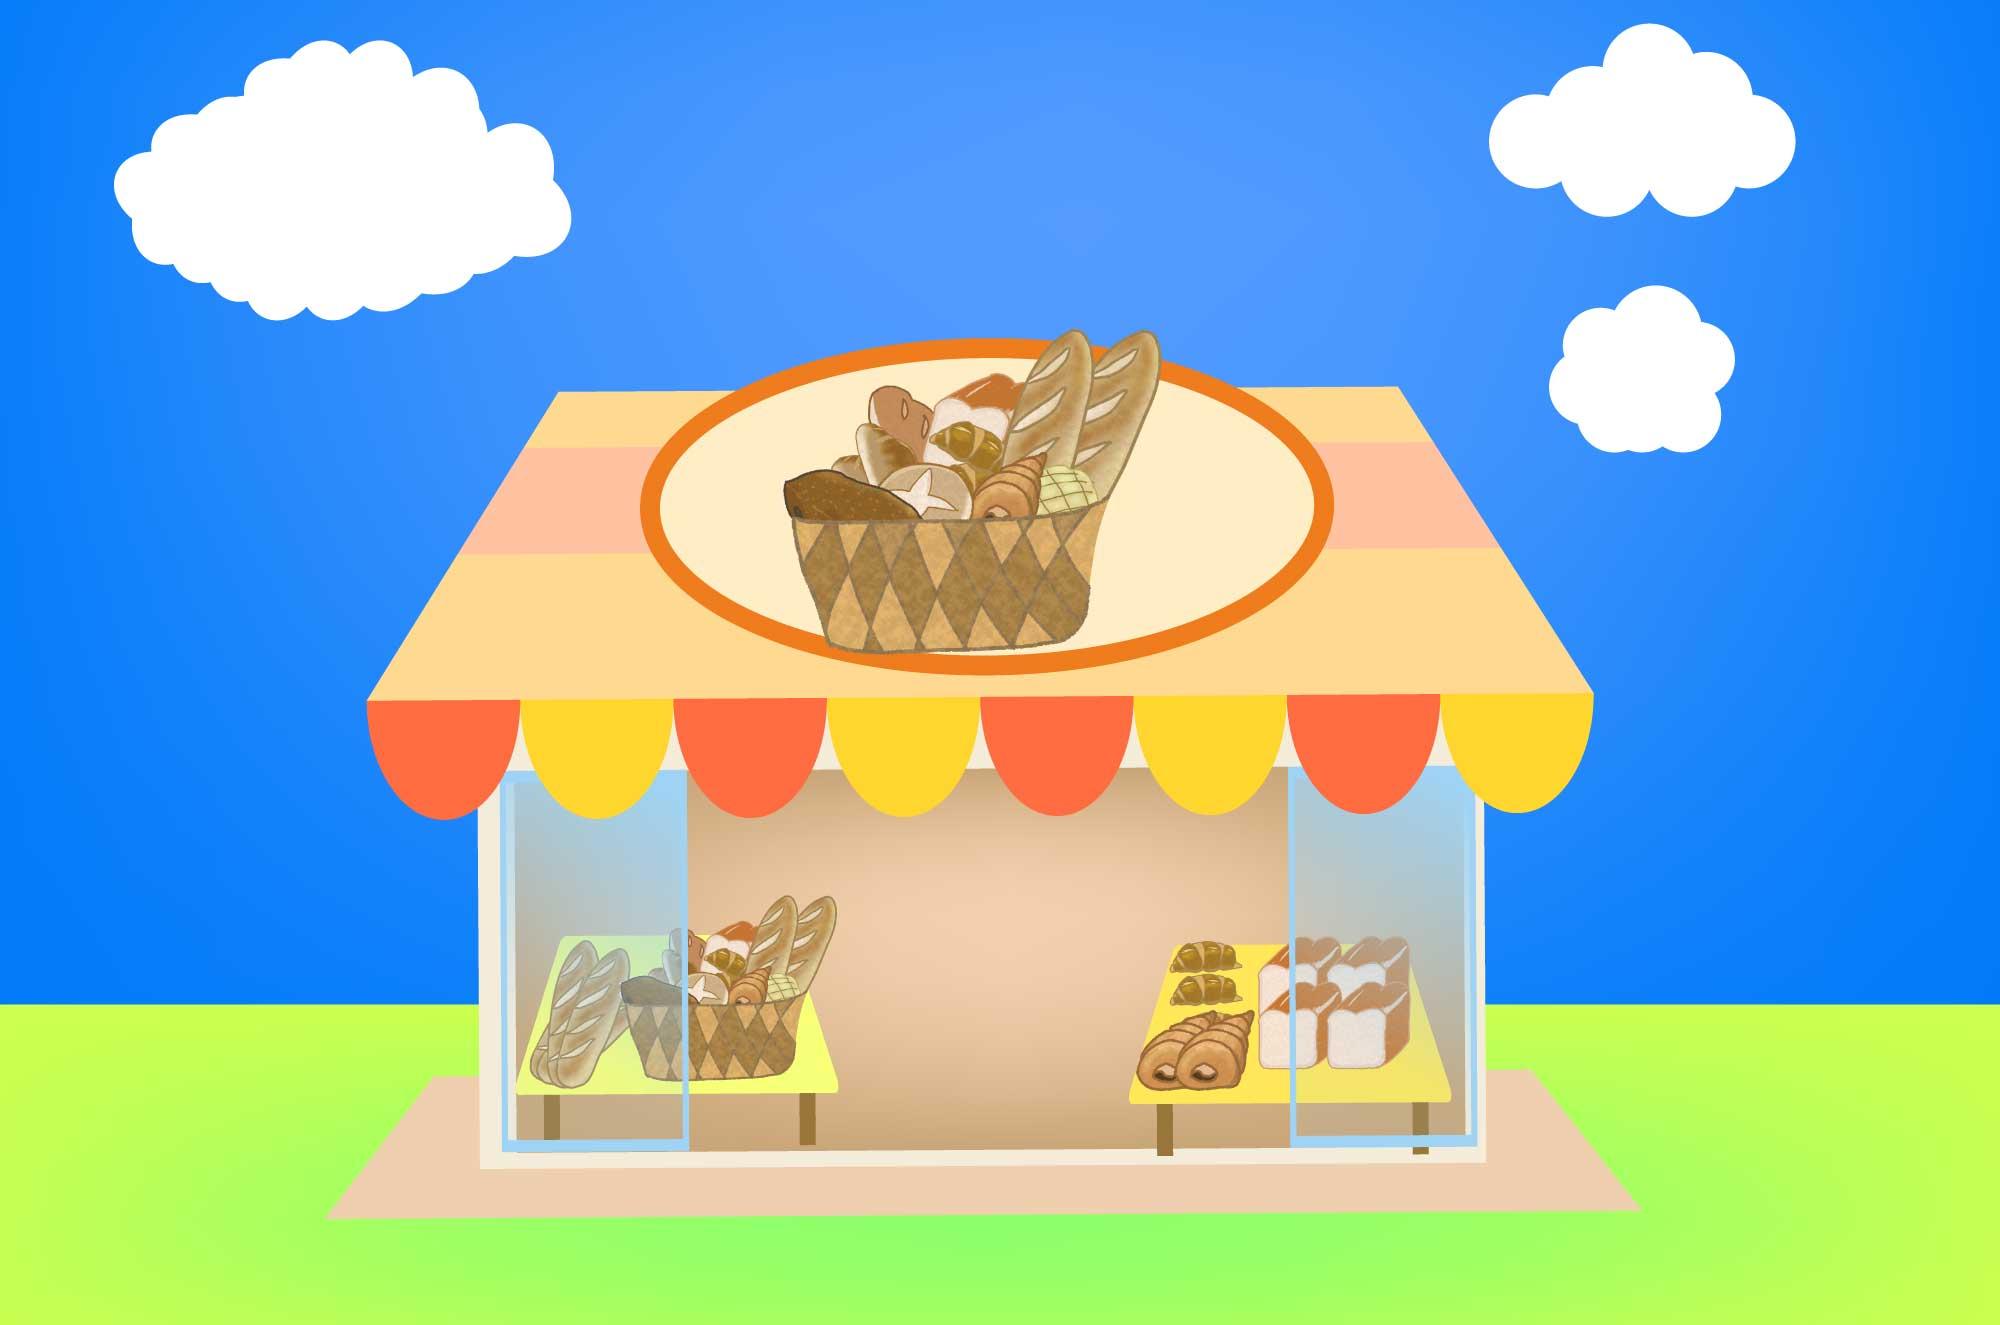 パン屋の無料イラスト 可愛いお店の建物フリー素材 チコデザ